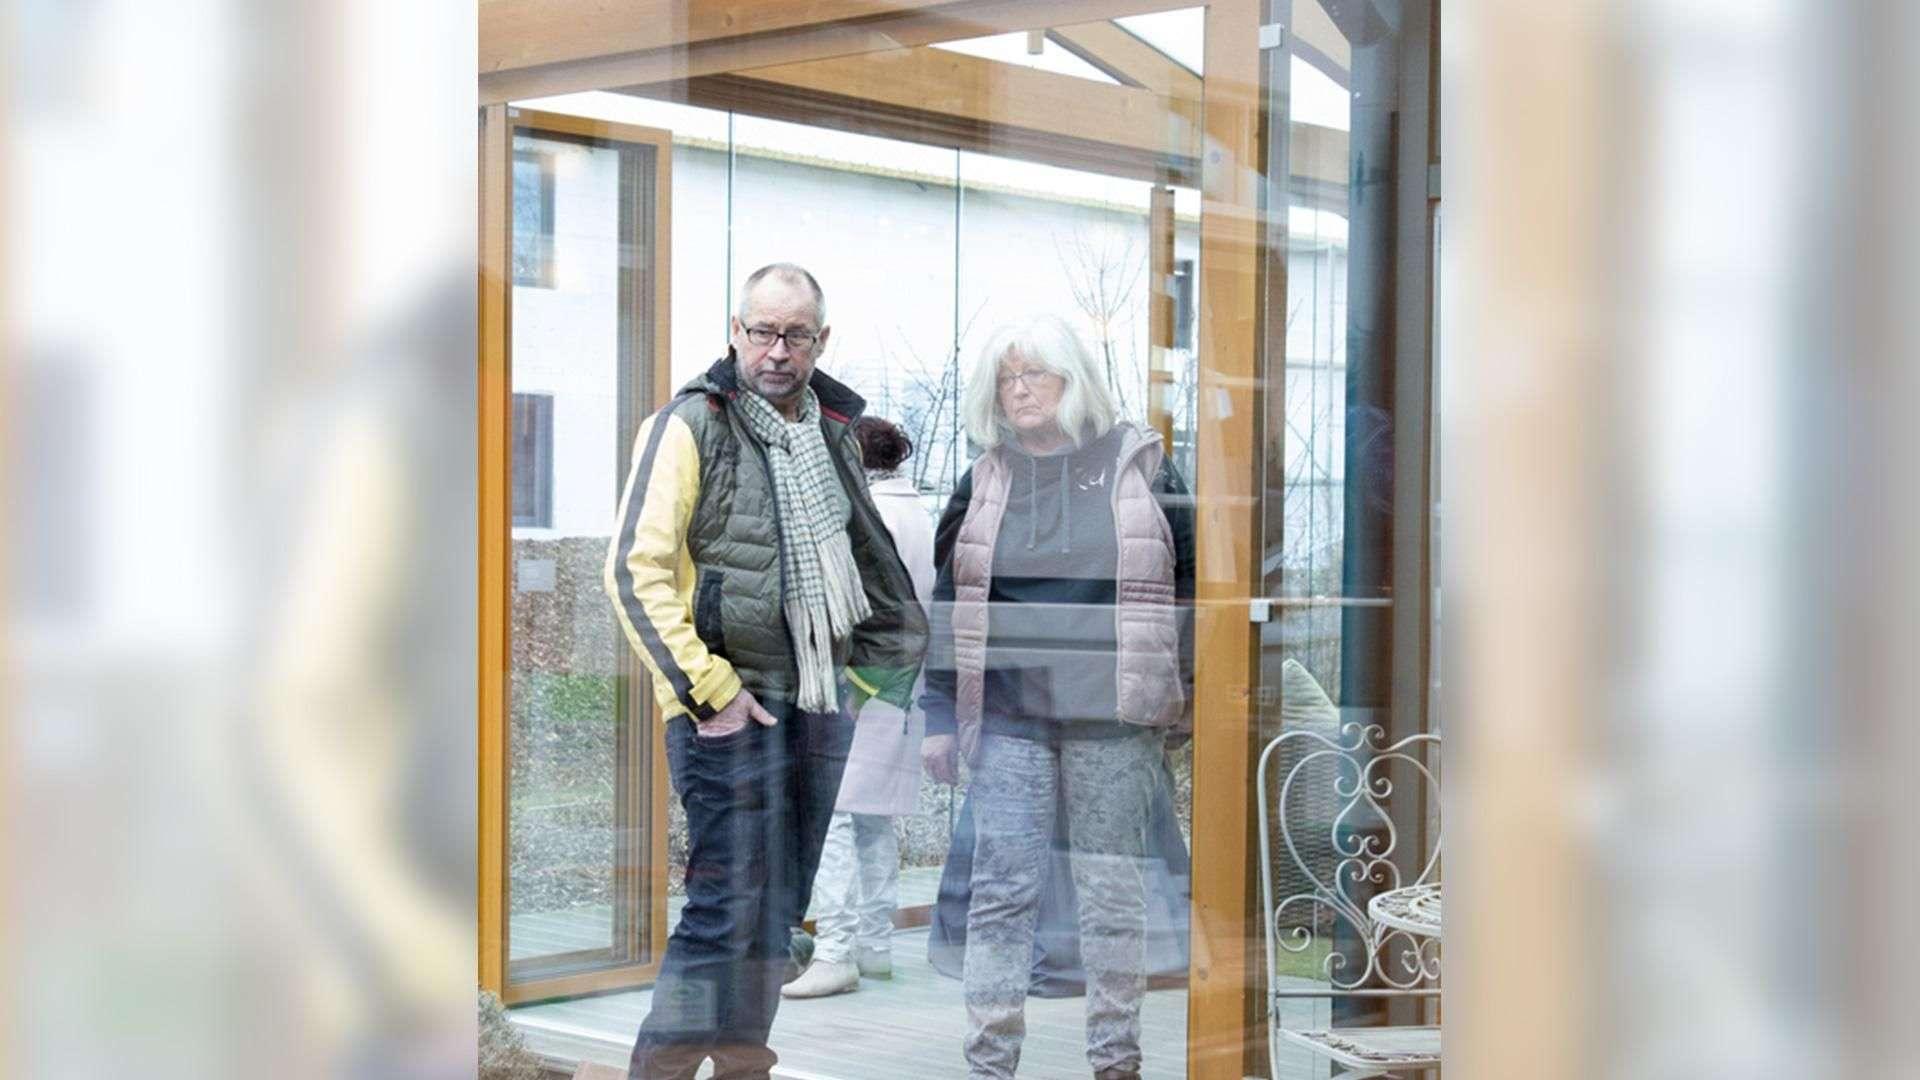 Pärchen in einem Wintergarten in der Ausstellung der Tischlerei Gleue in Lindwedel